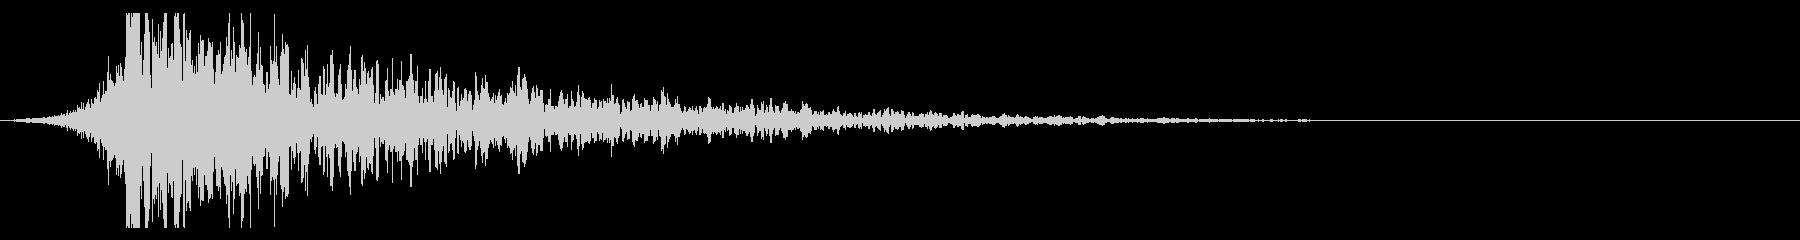 シュードーン-24-1(インパクト音)の未再生の波形